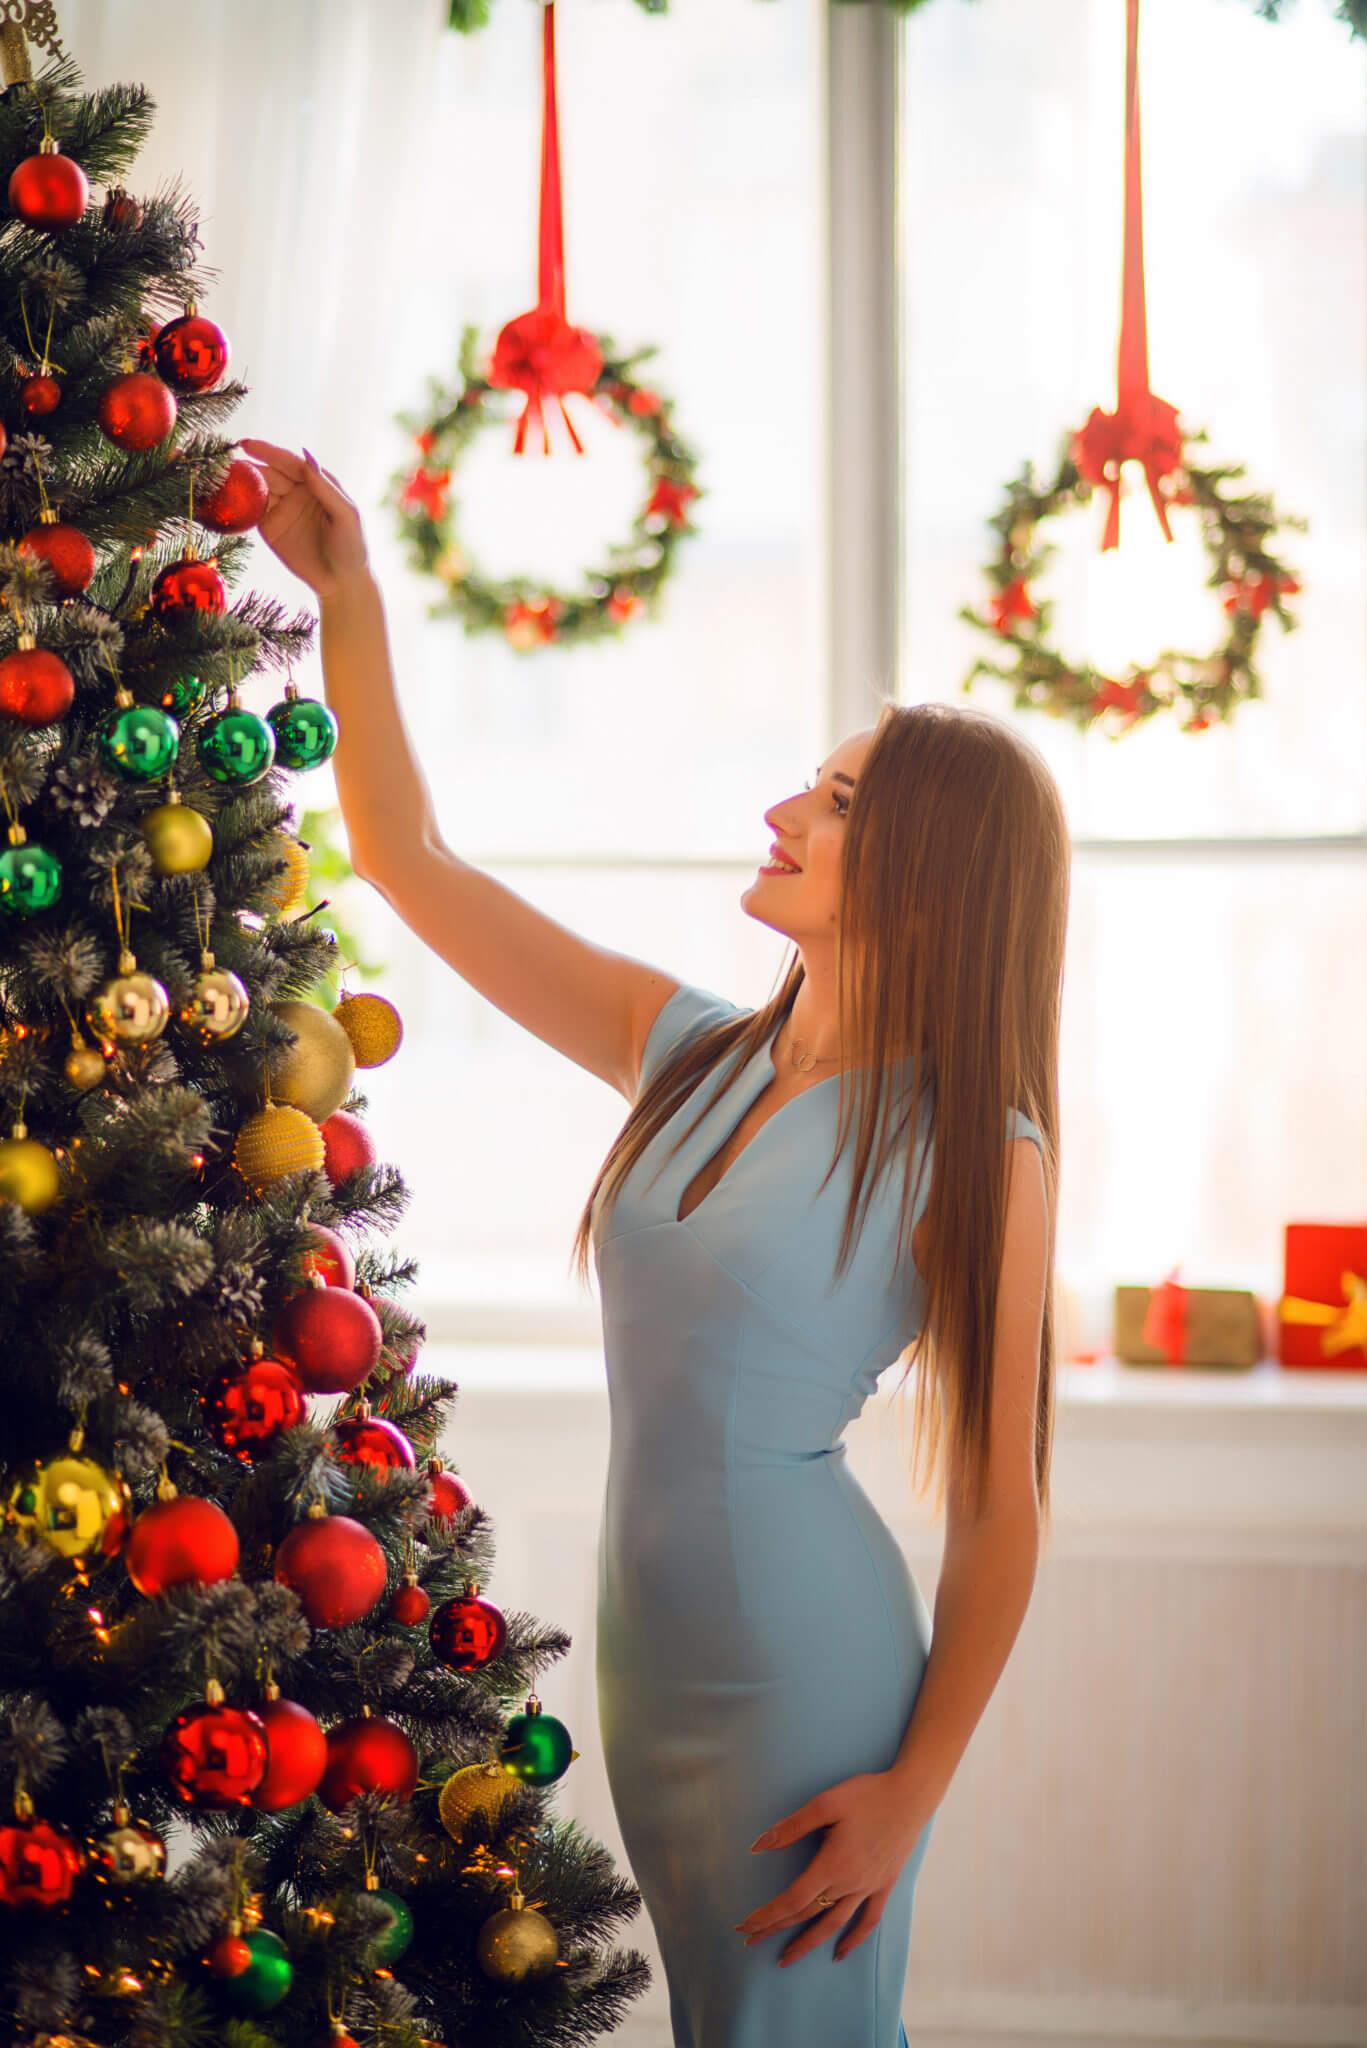 Новогодняя фотосессия, молодая девушка в платье на фоне окна с новогодними украшениями и новогодней елки